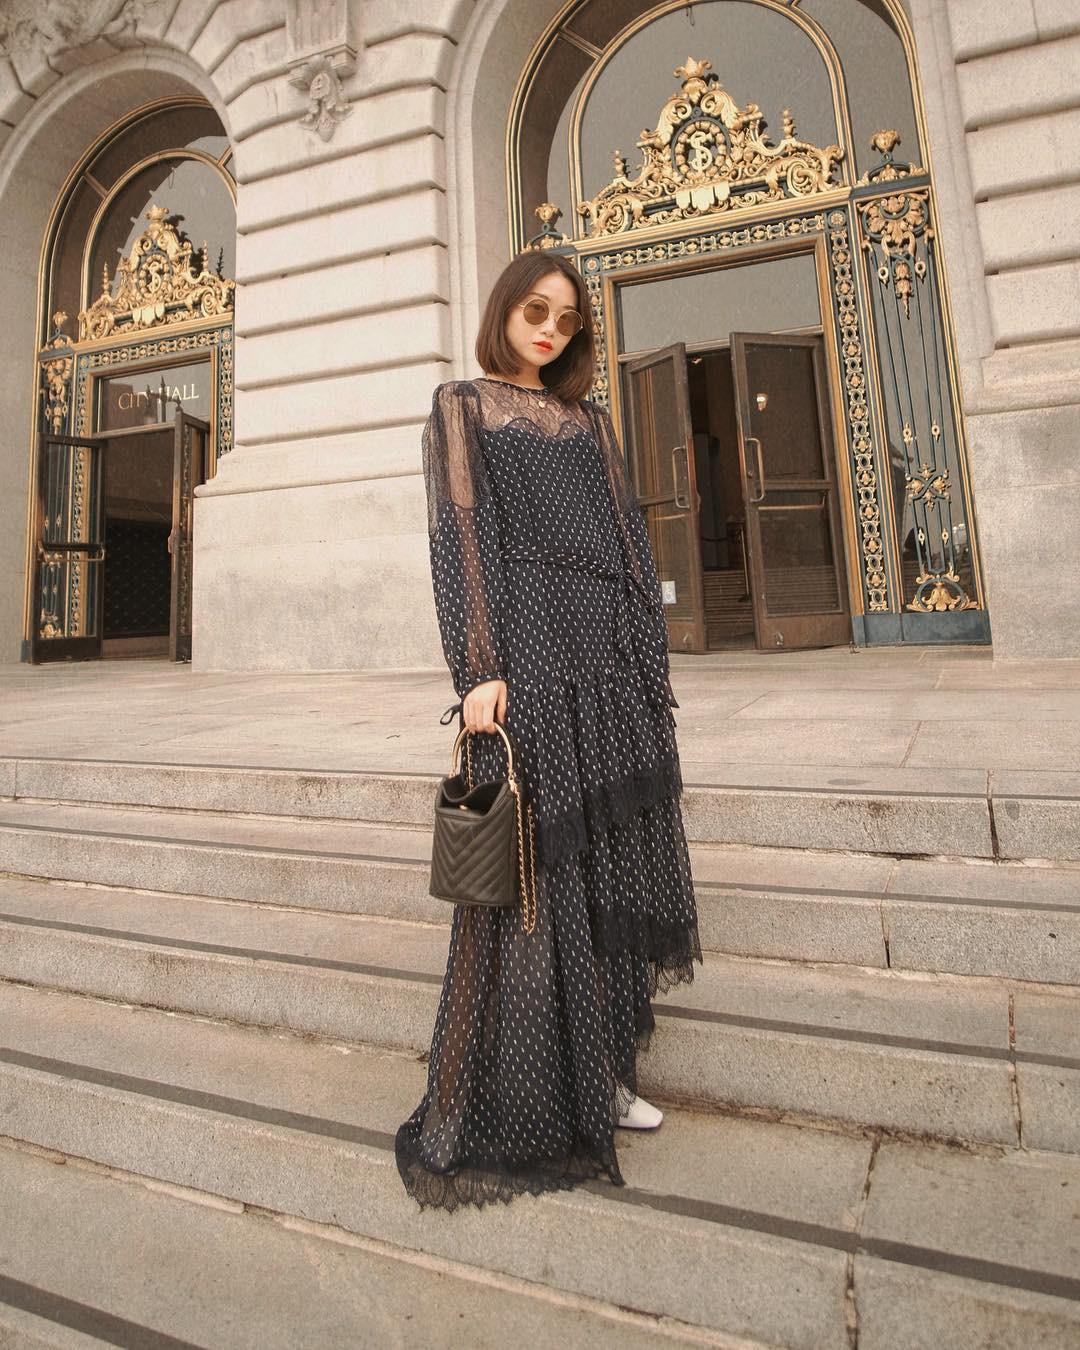 Không kiểu váy nào vượt qua được váy dáng dài về độ sang chảnh, yêu kiều và hợp rơ với tiết trời se lạnh-13